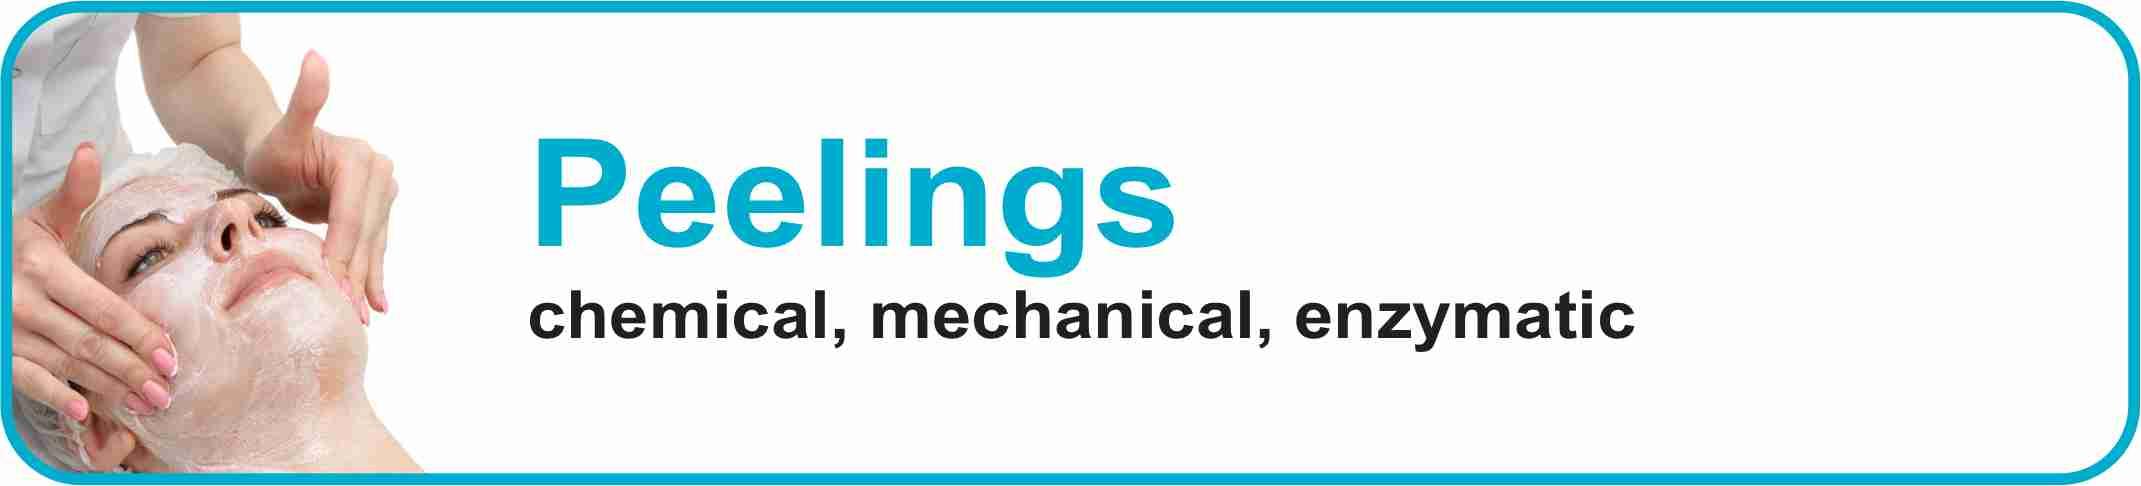 peelings-catalogs